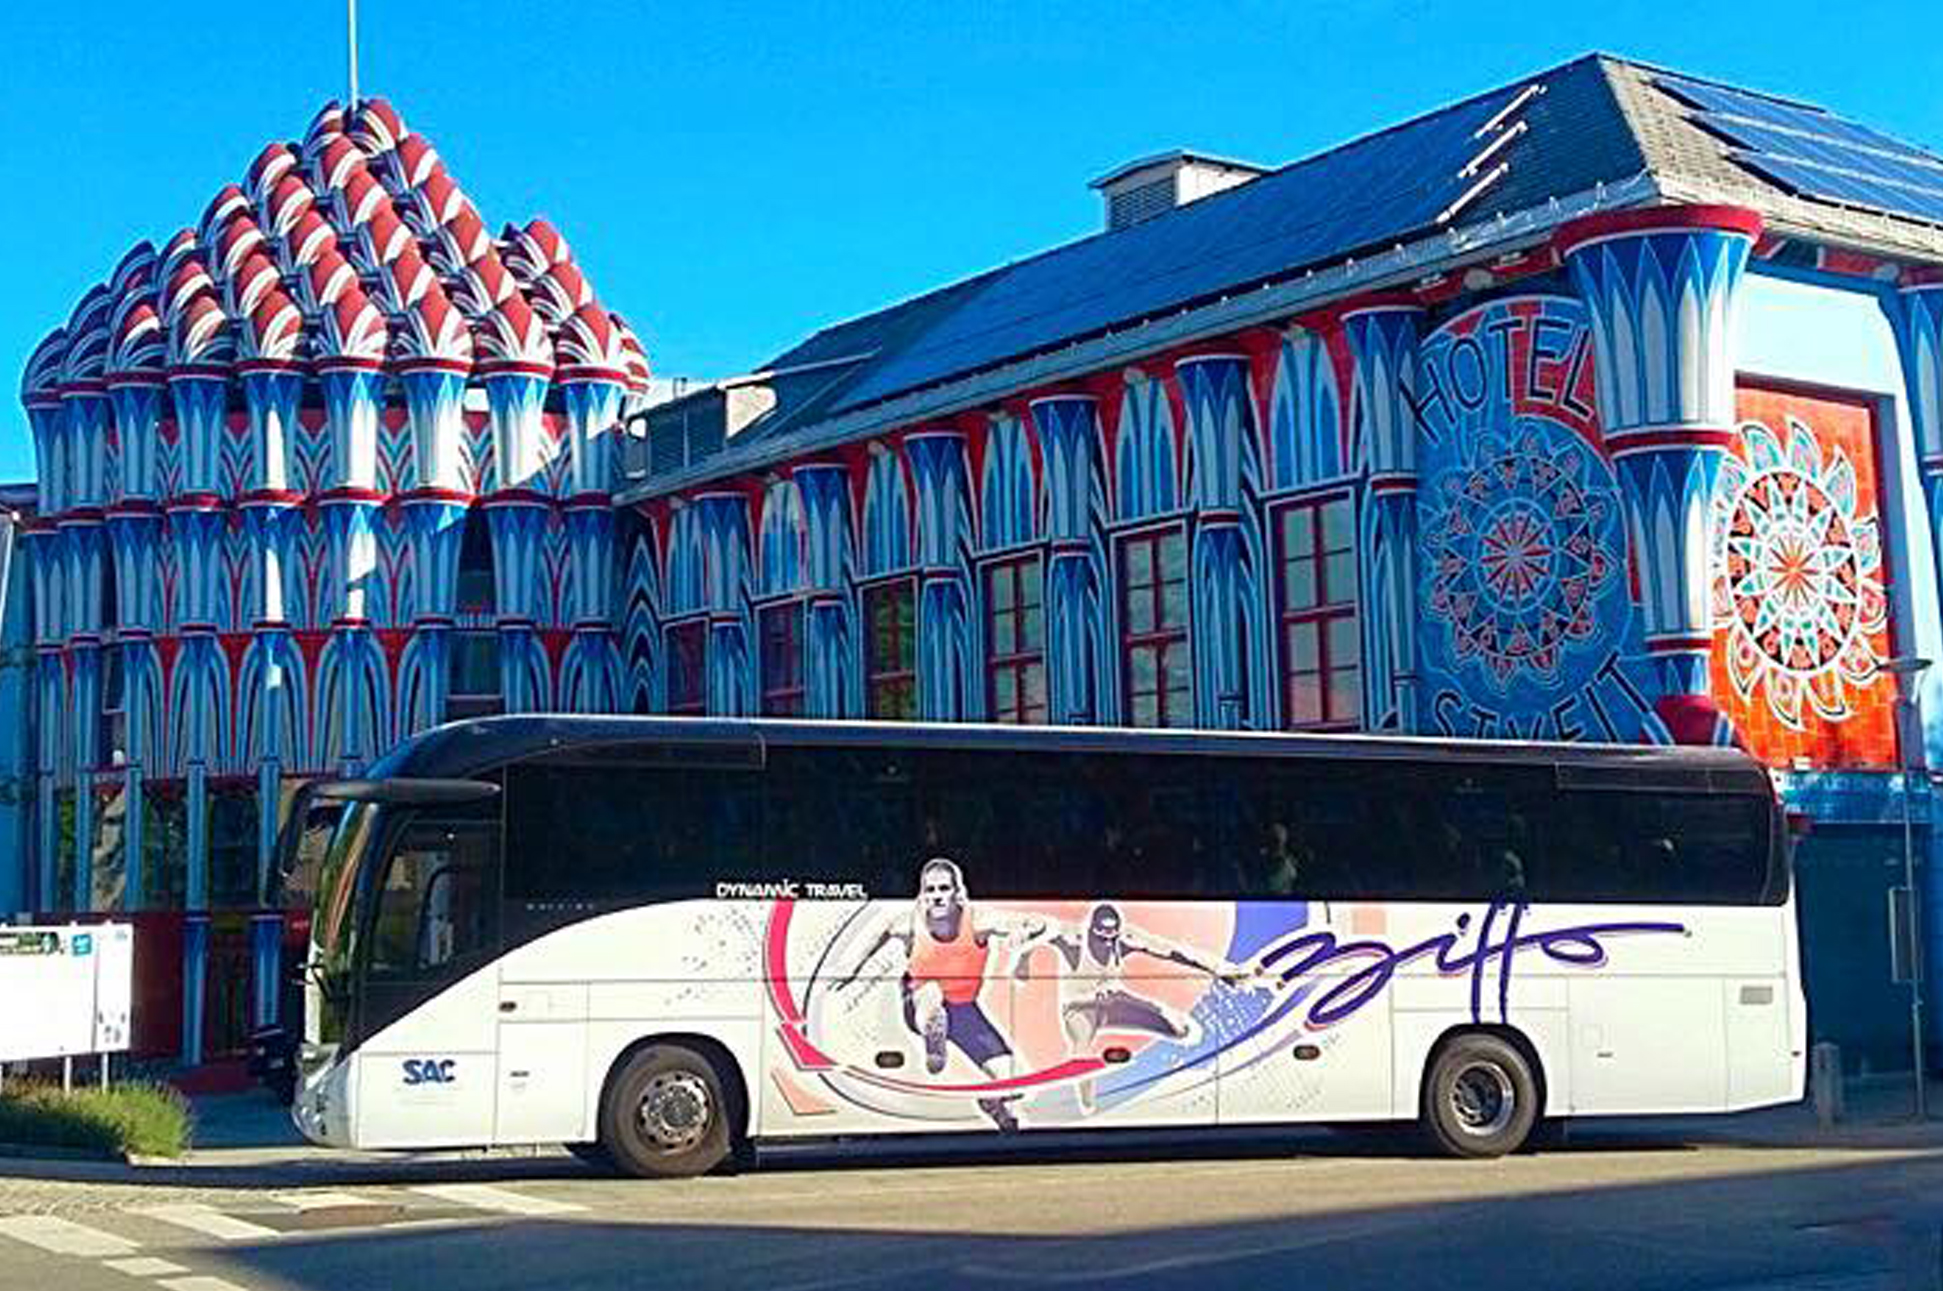 Noleggio autobus biffo bra cuneo torino piemonte Possibilità di noleggiare diverse tipologie di Autobus guidati da autisti esperti e preparati